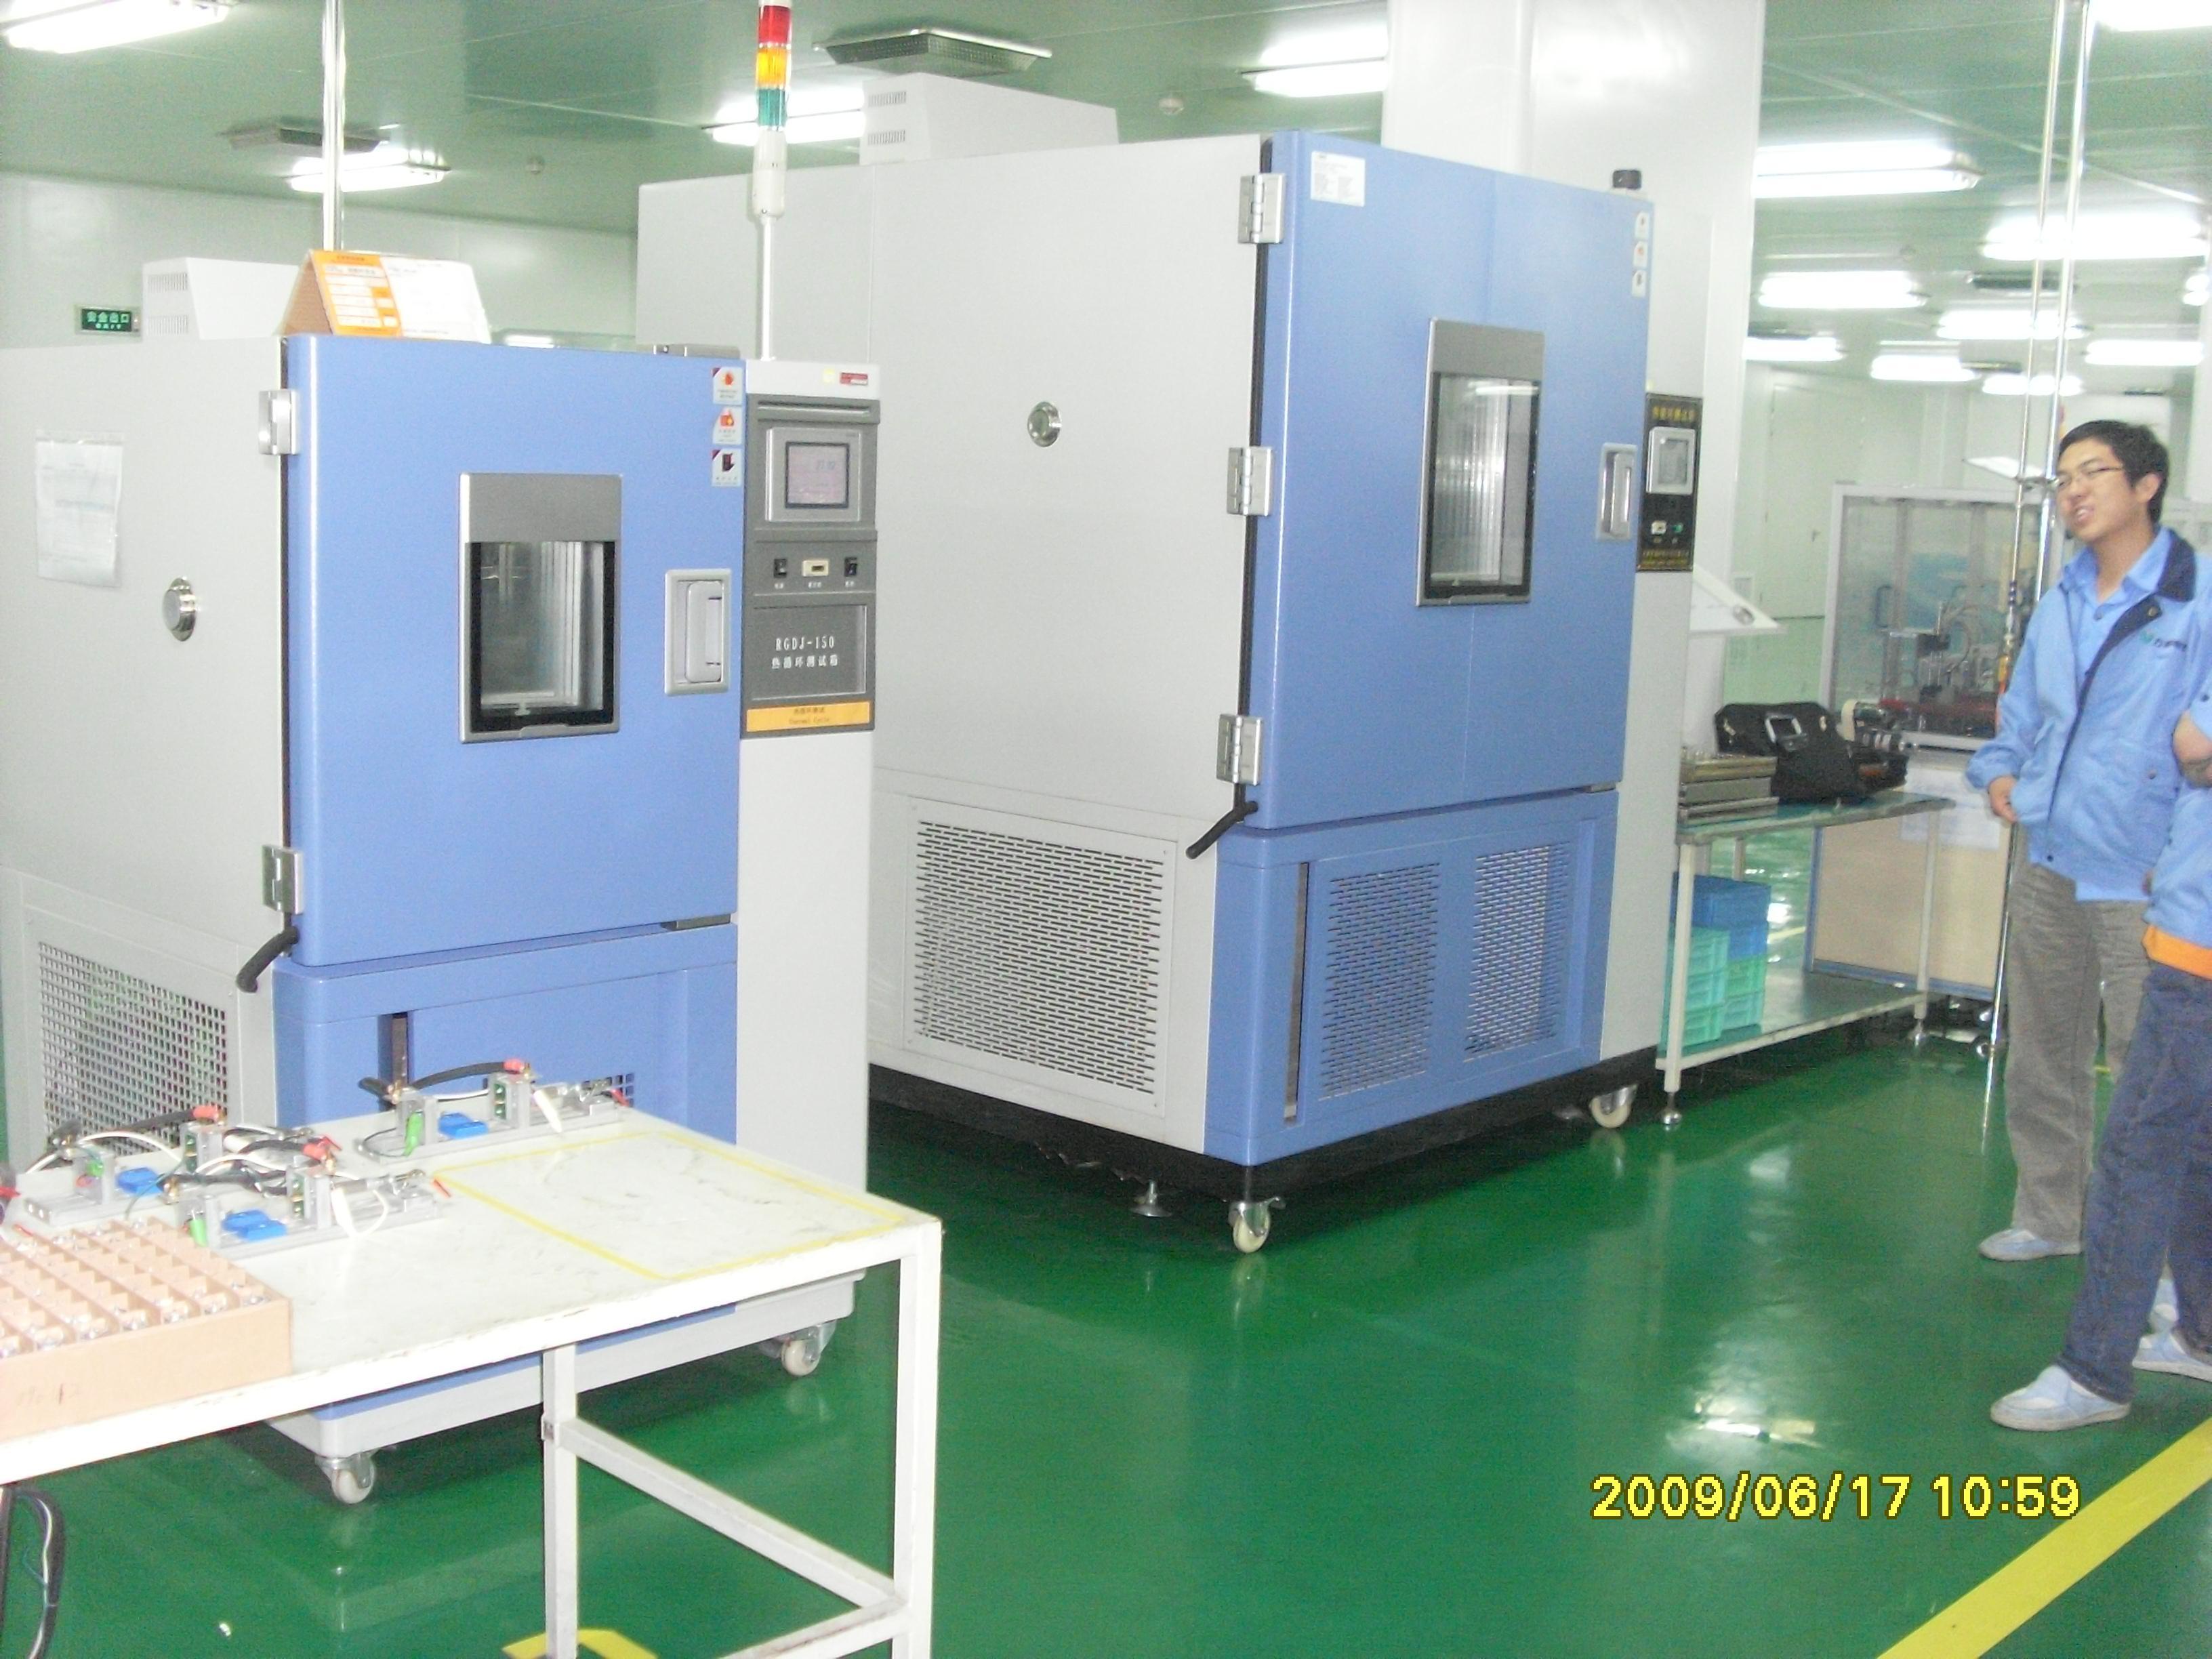 蘇瑞電子設備(北京)有限公司